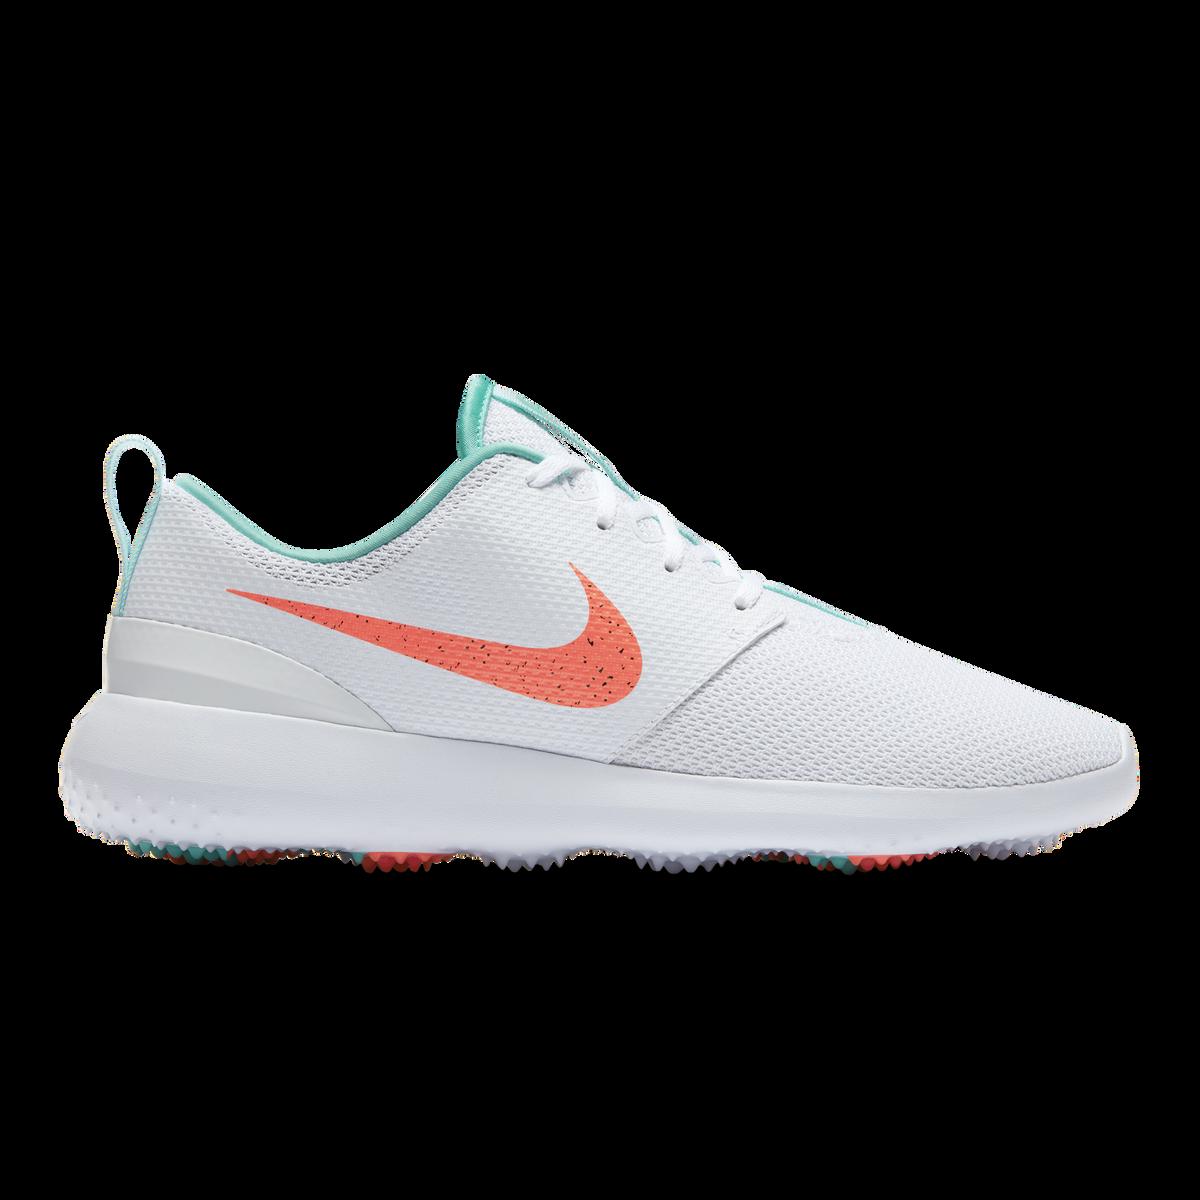 a288391b53c Roshe G Men's Golf Shoe - White/Green